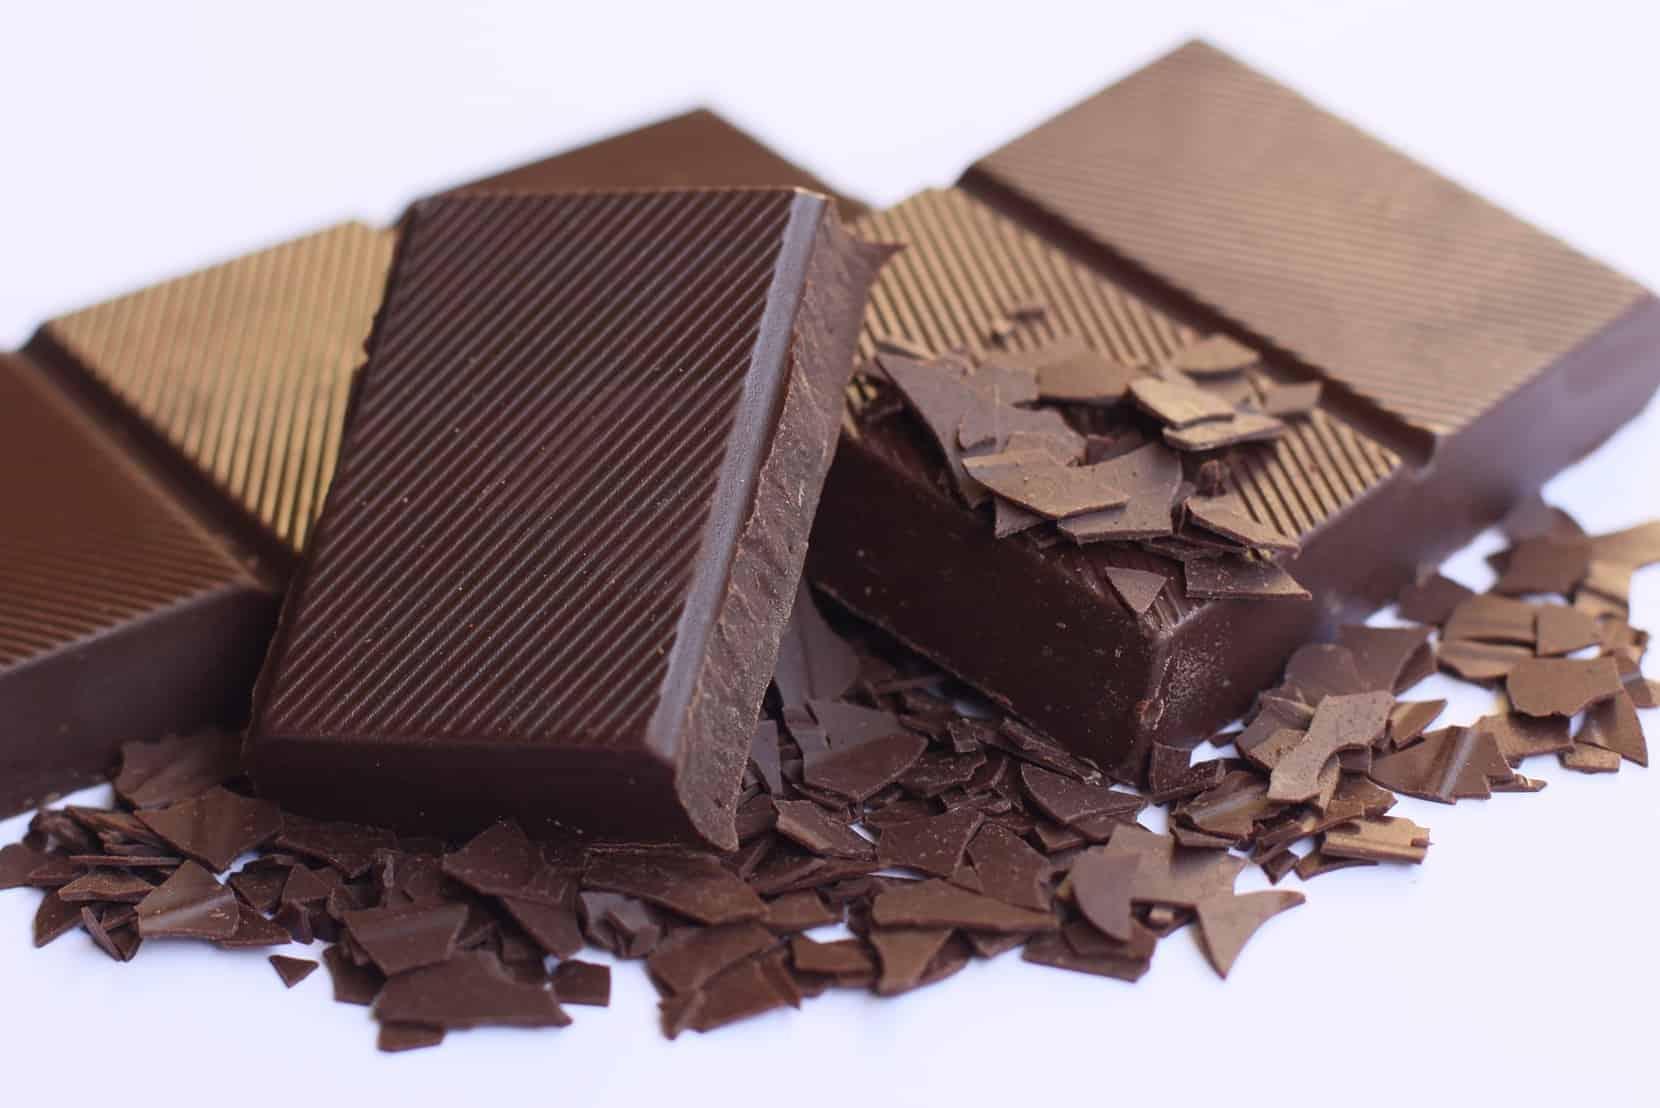 шоколад оставляет пятна на одежде